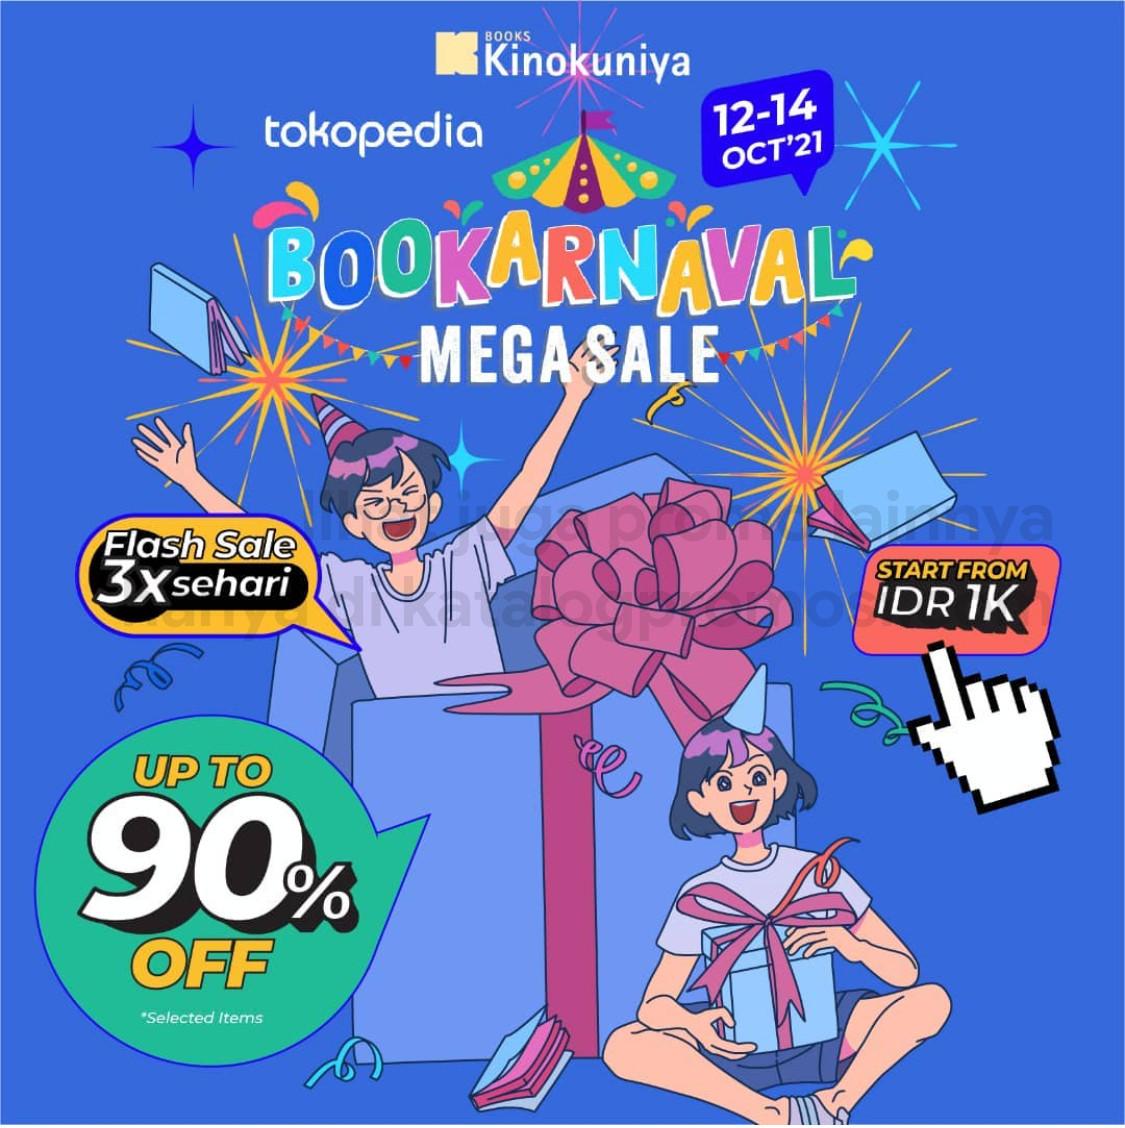 KINOKUNIYA Promo Bookarnaval Megasalel!! Discount up to 90% off